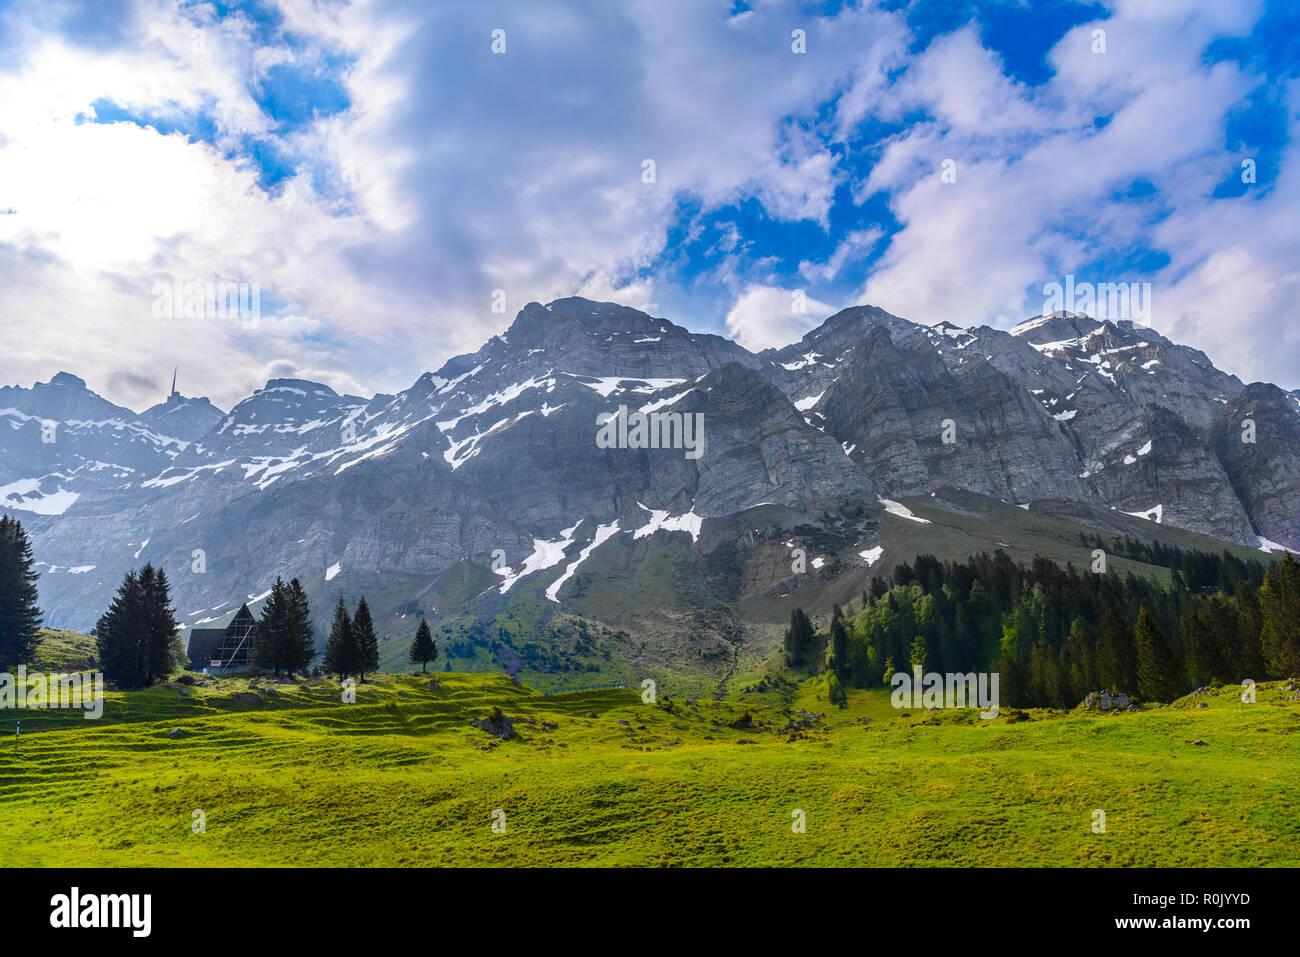 Alpen Berge und Felder, Schoenengrund, Hinterland, Appenzell Ausserrhoden Schweiz Stockbild